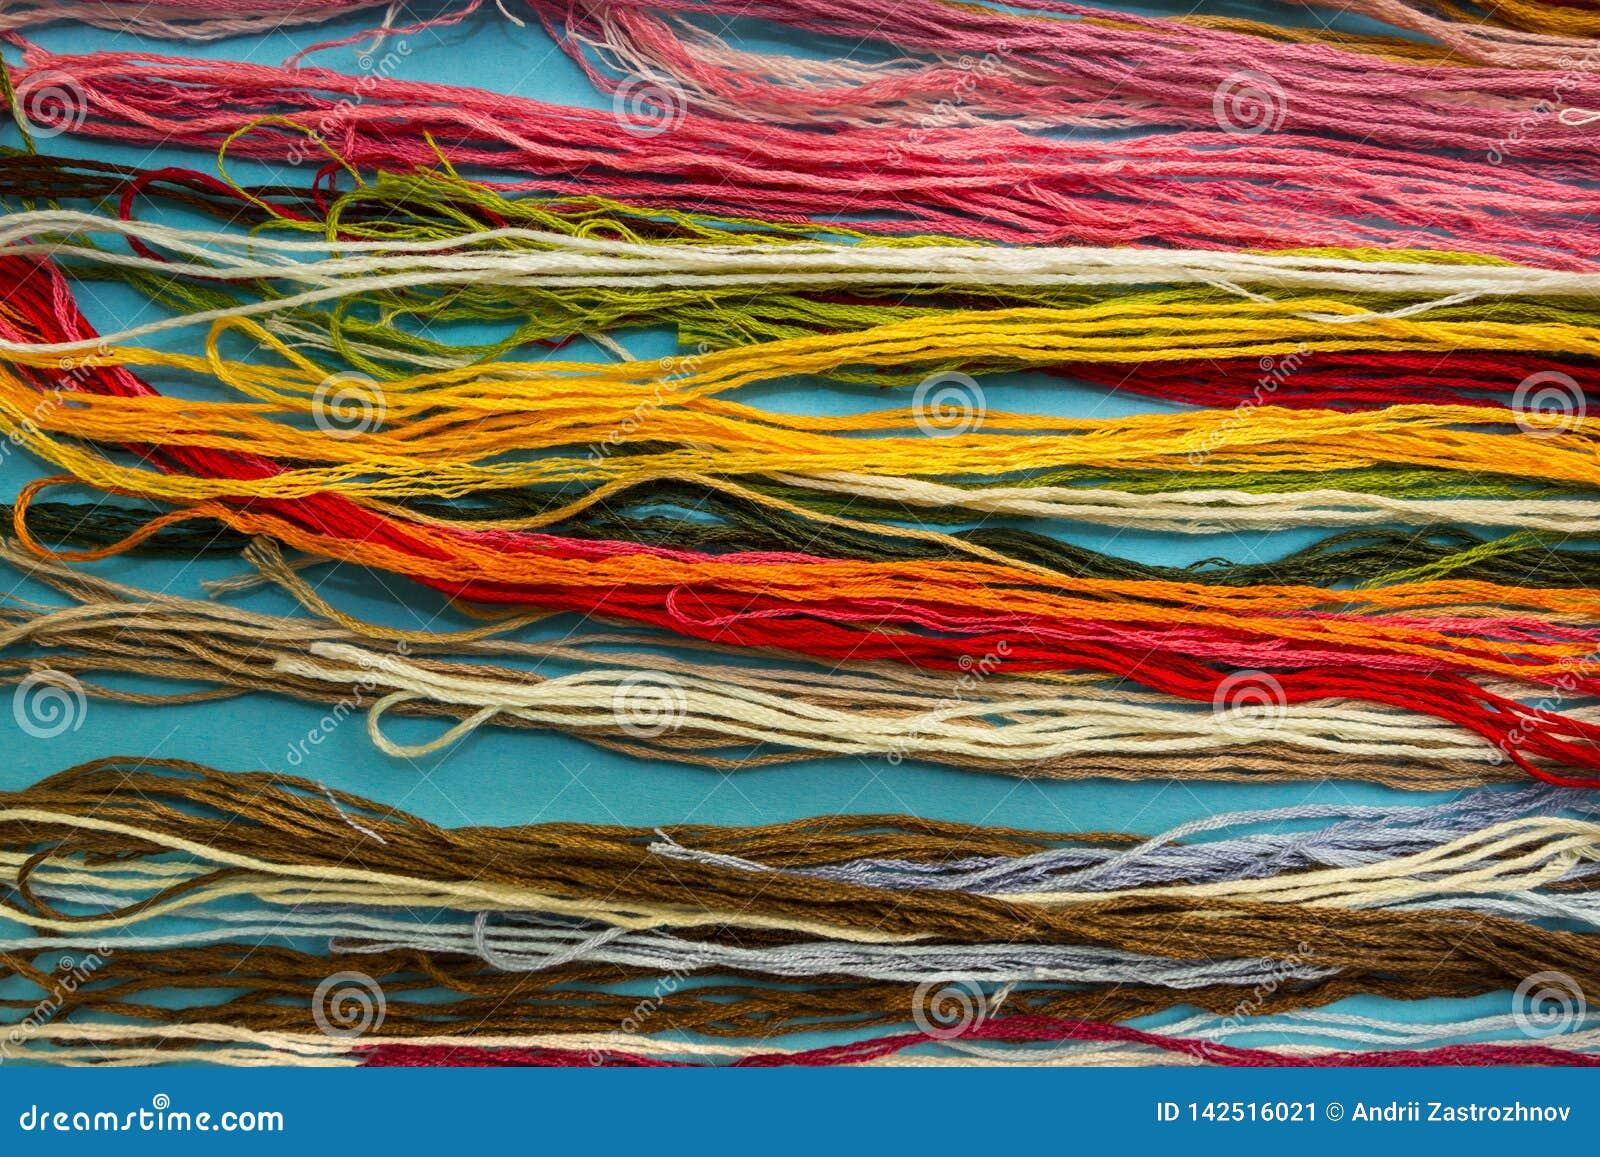 Parallell färgrik bakgrund för bomullsbroderifloss, trådar för visarhantverkslut upp